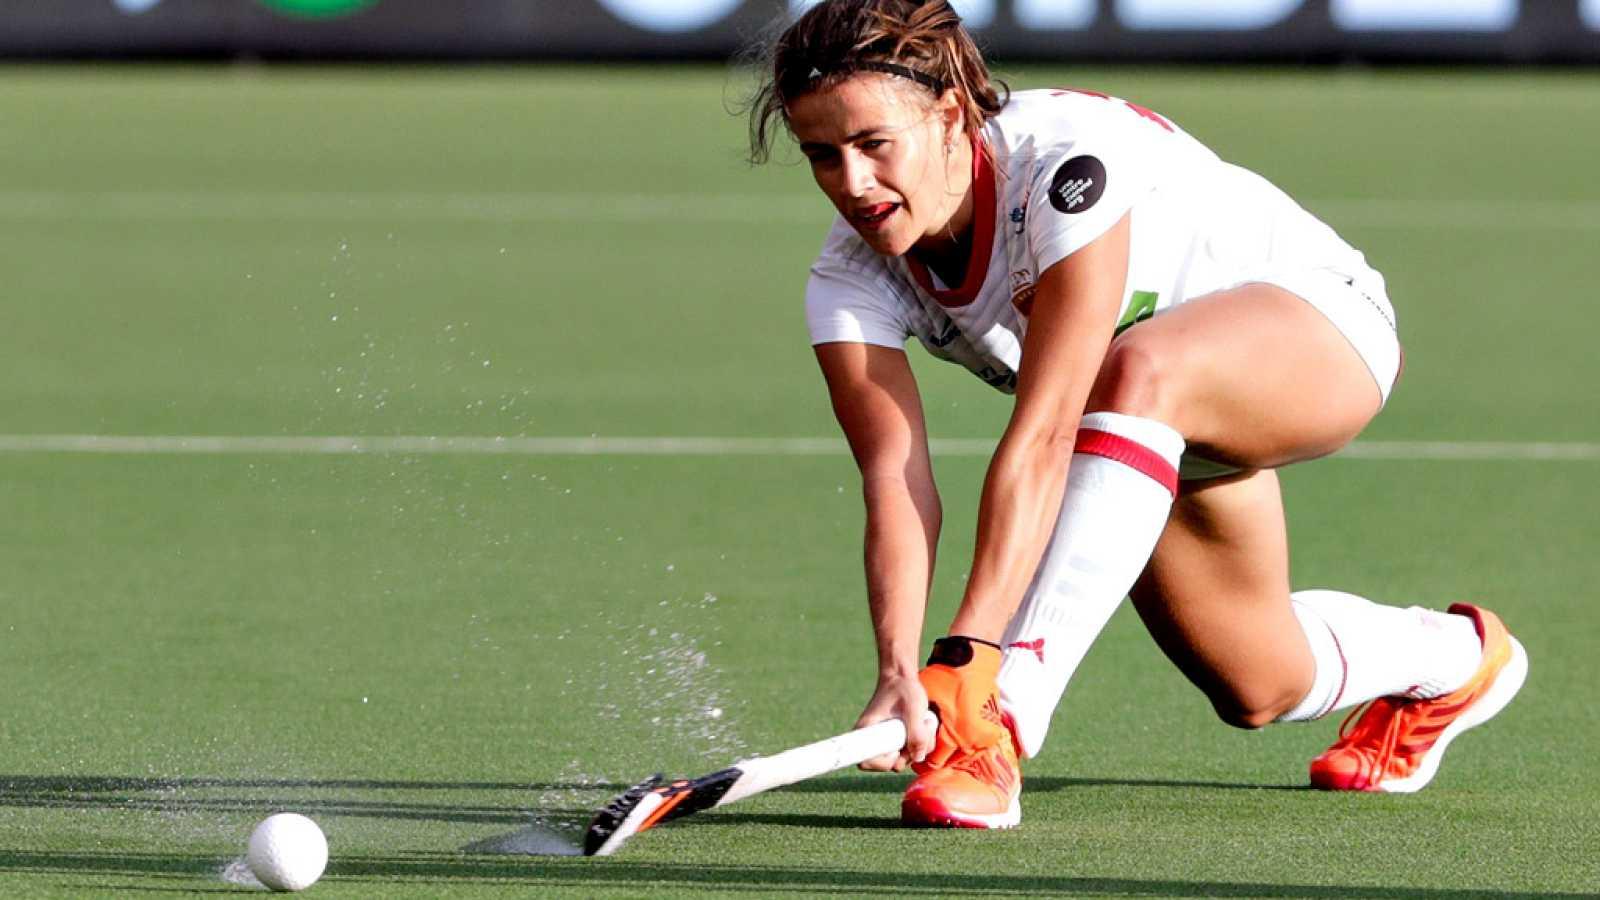 La selección española de hockey hierba ha logrado un valioso empate (1-1) frente a Holanda, vigente campeona del mundo, en la segunda jornada del Europeo de hockey absoluto que se está disputando en la localidad belga de Amberes.